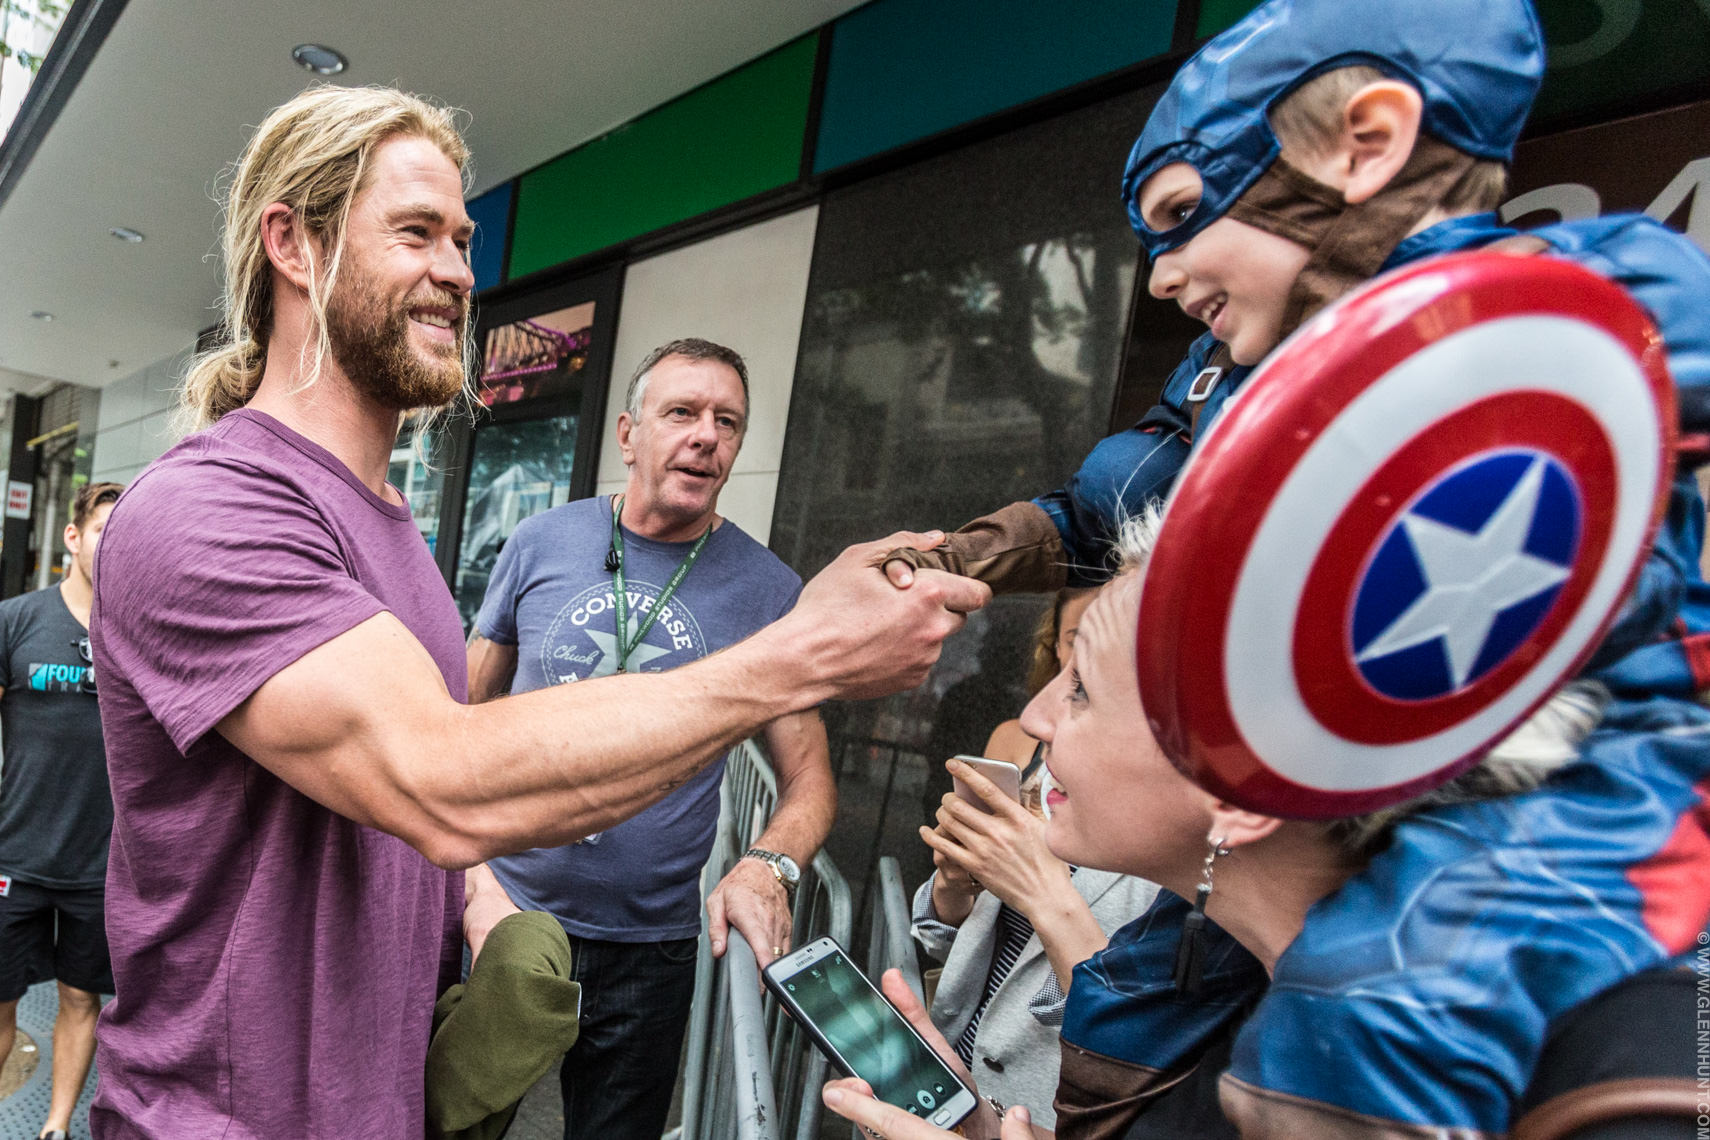 Chris Hemsworth Captain America Glenn Hunt Brisbane Photographer